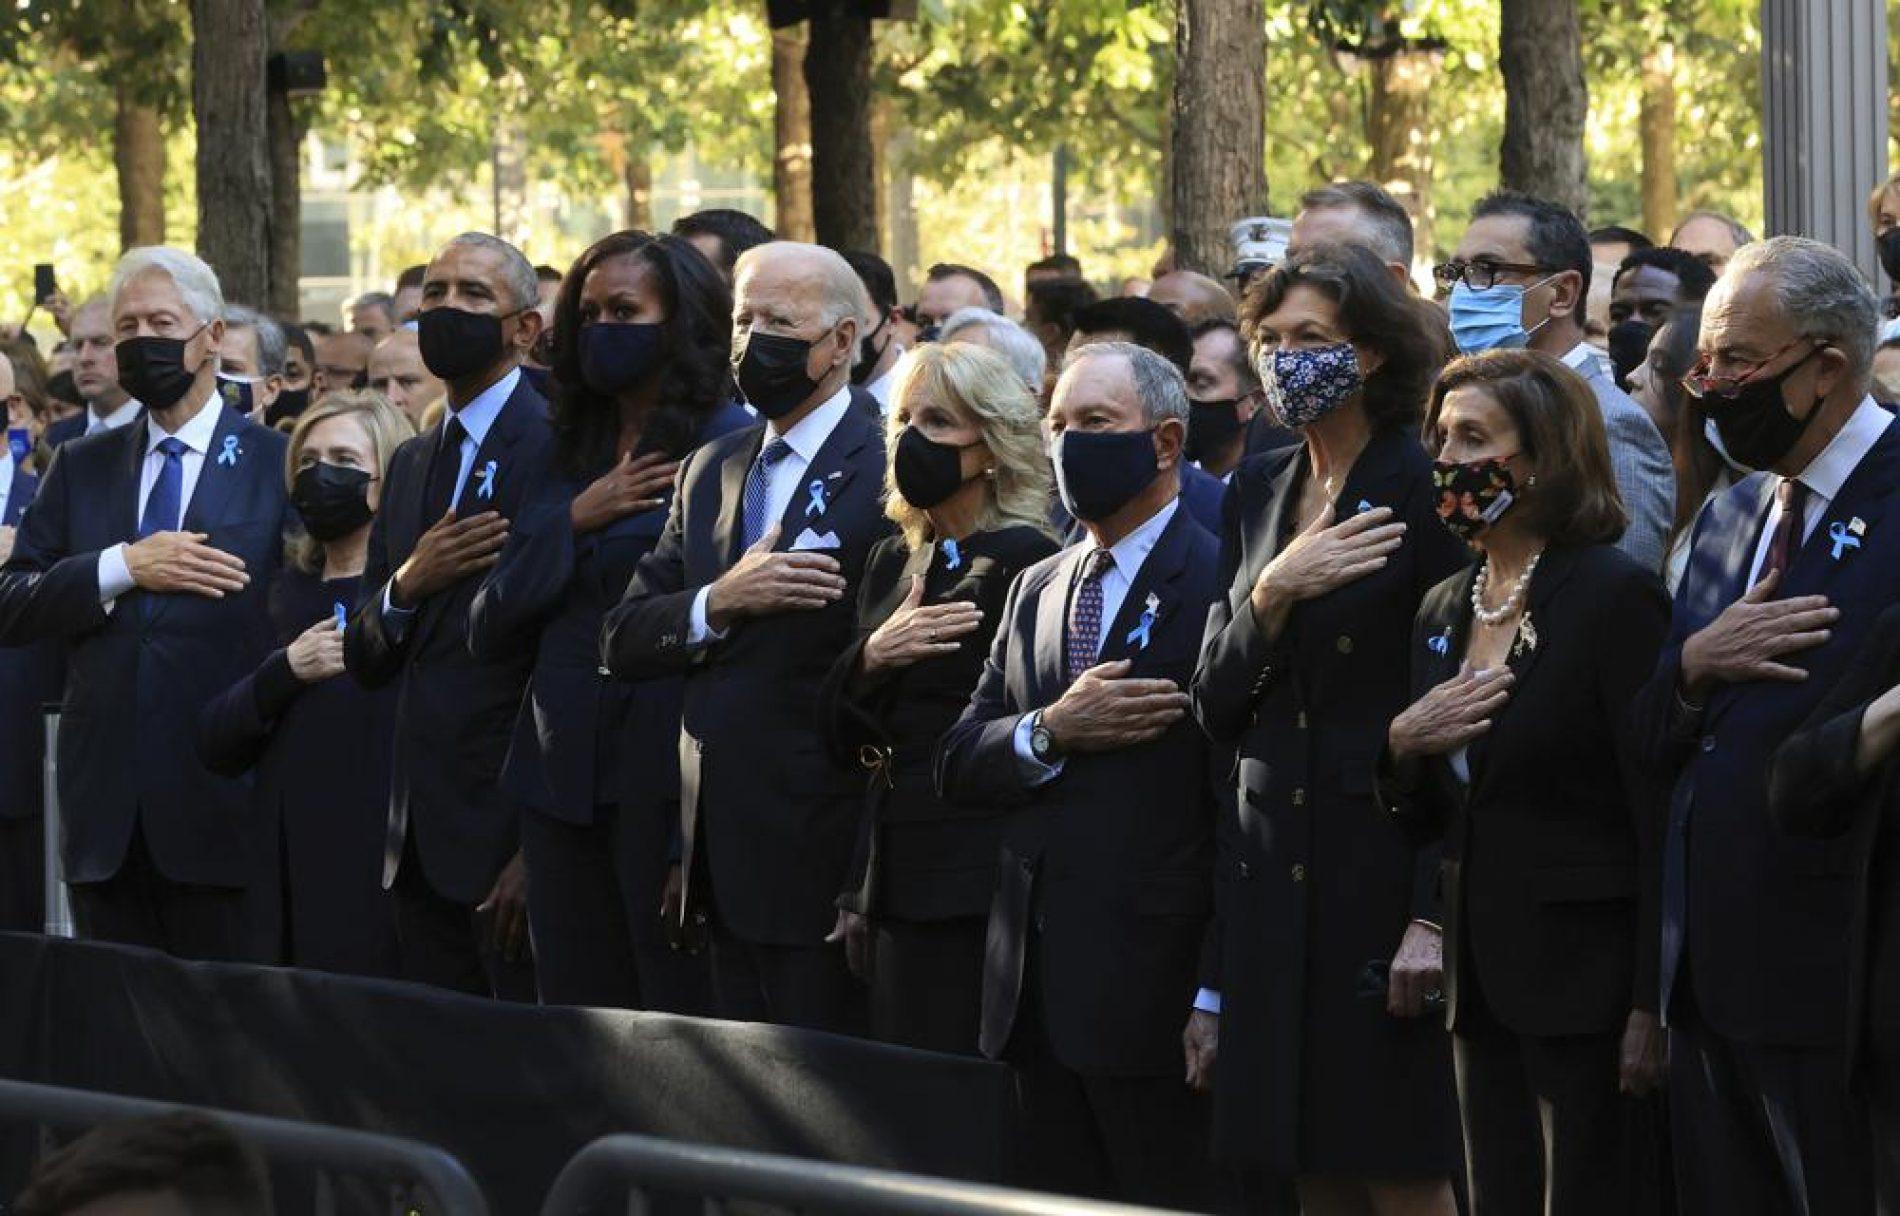 Komšić i Džaferović uputili poruke solidarnosti predsjedniku J. Bidenu povodom godišnjice napada na SAD